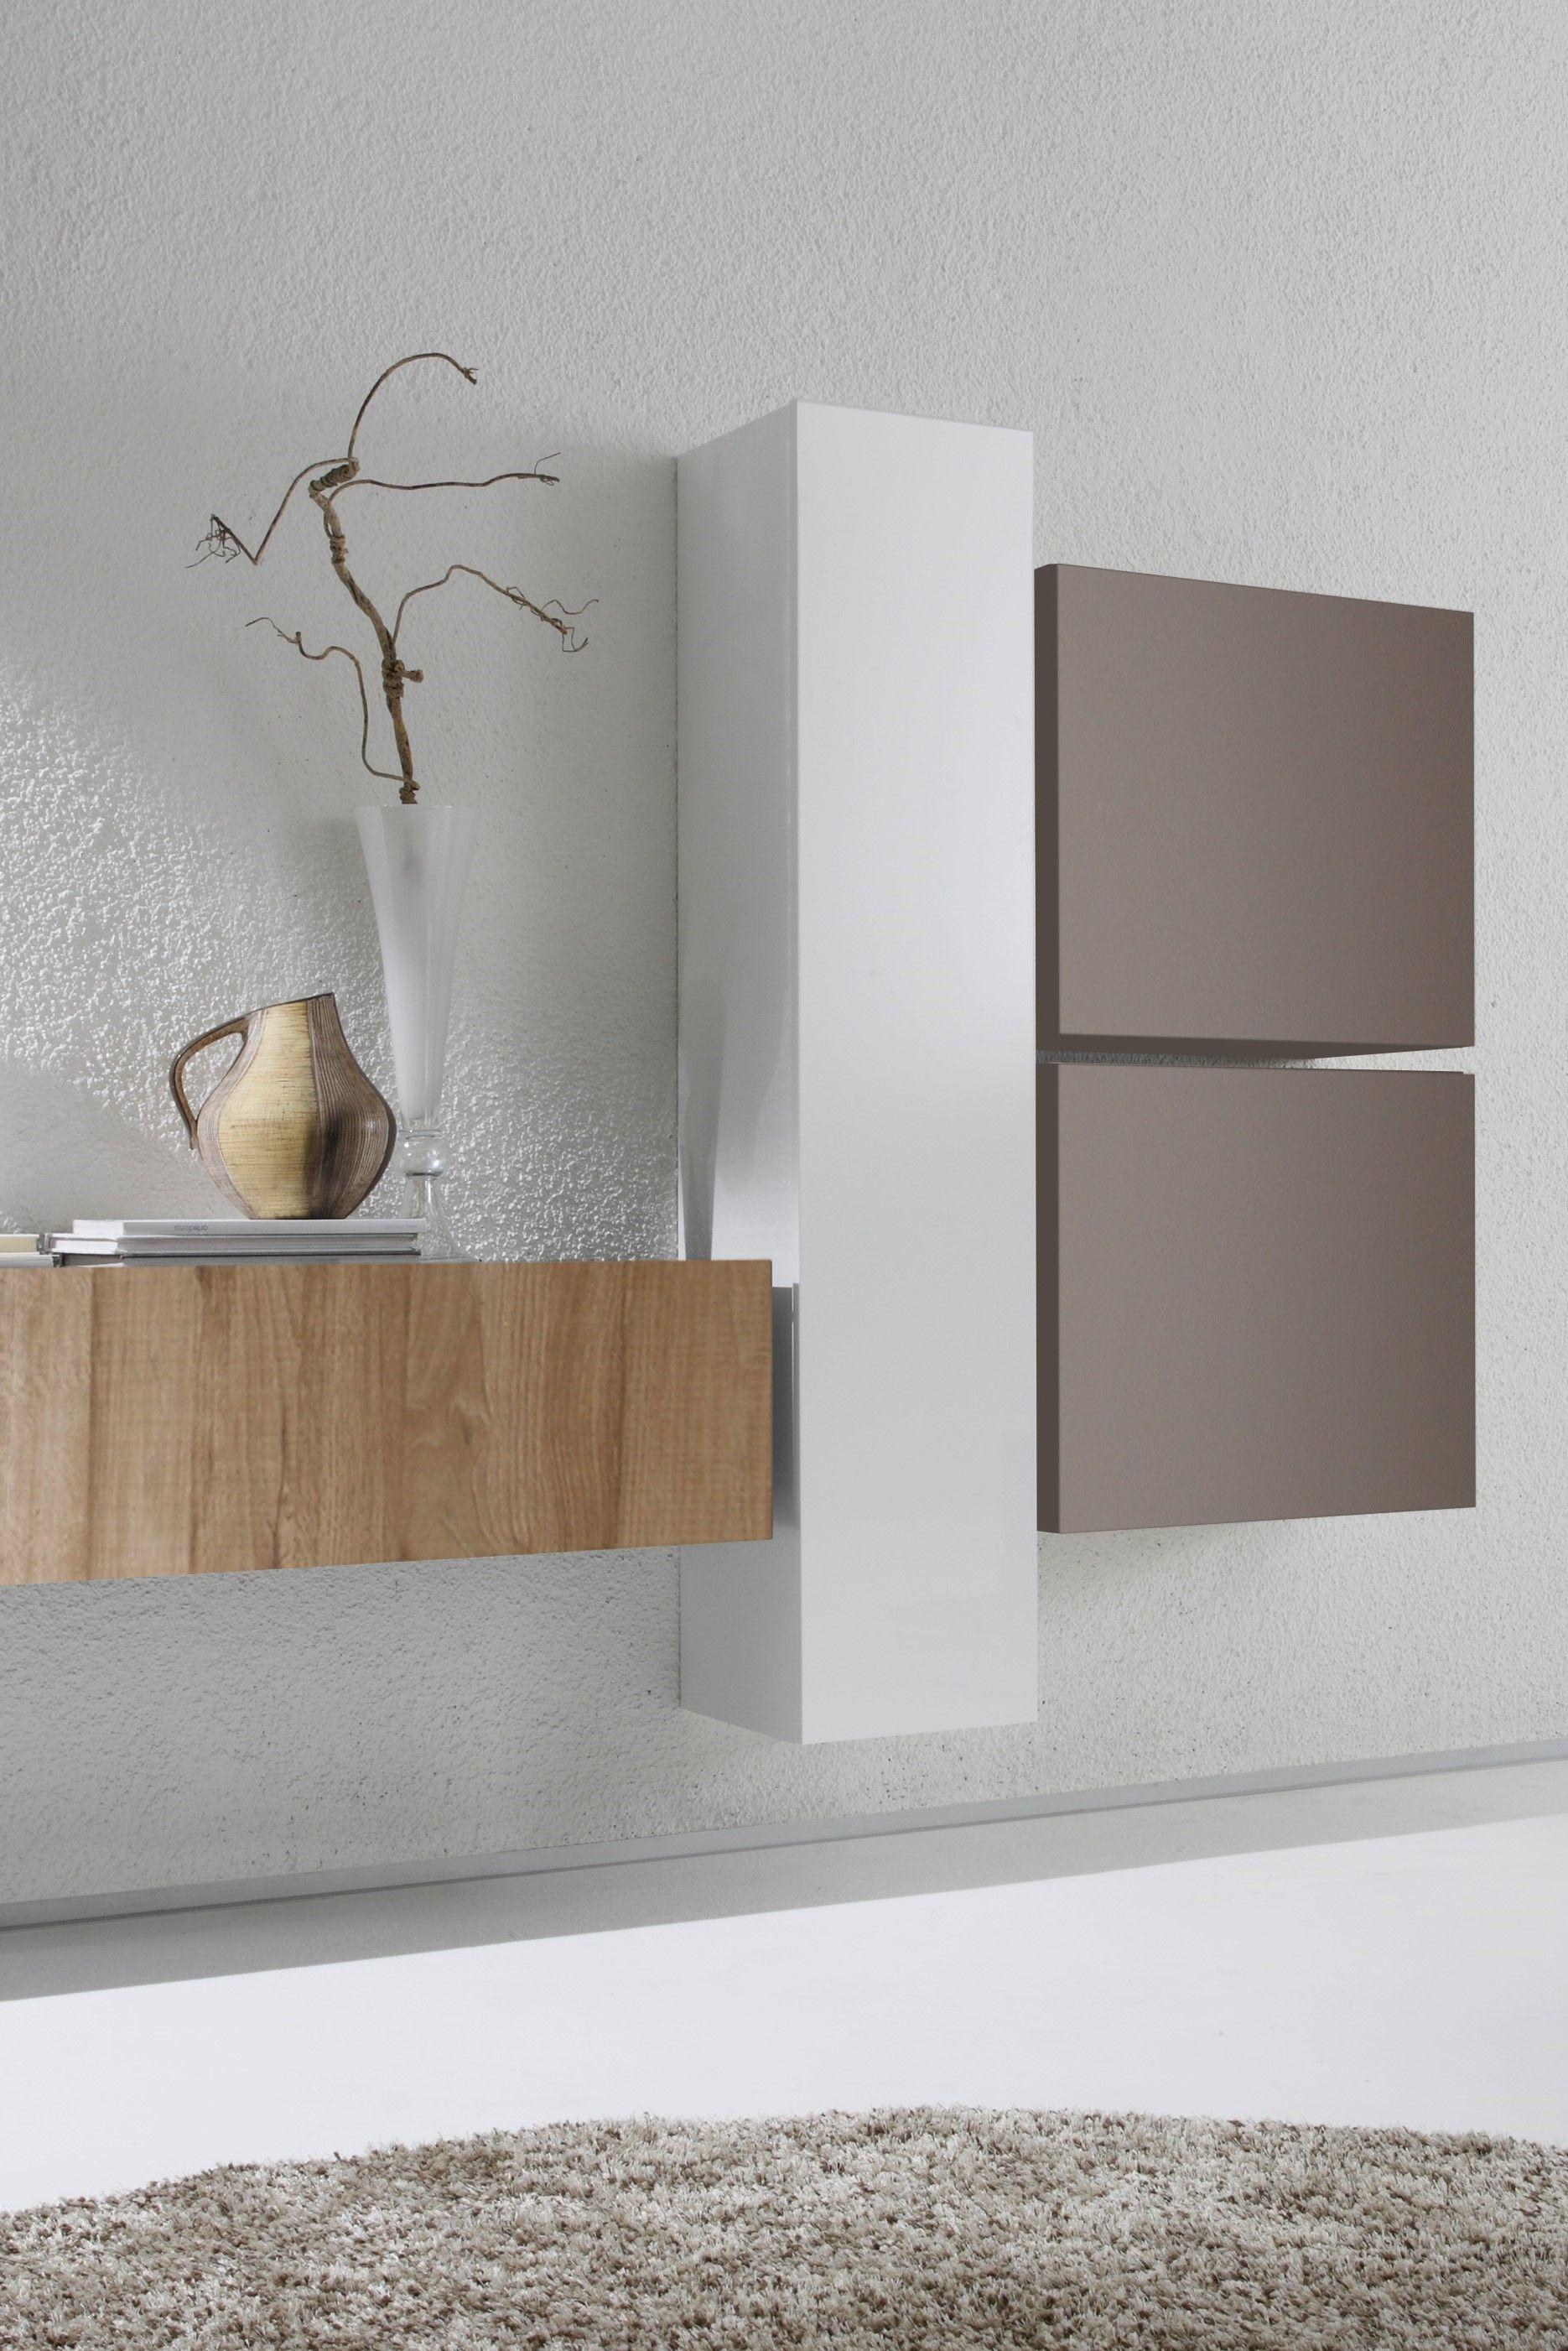 Livingroom Modern Weiss Eiche Wohnzimmerschranke Schrankwand